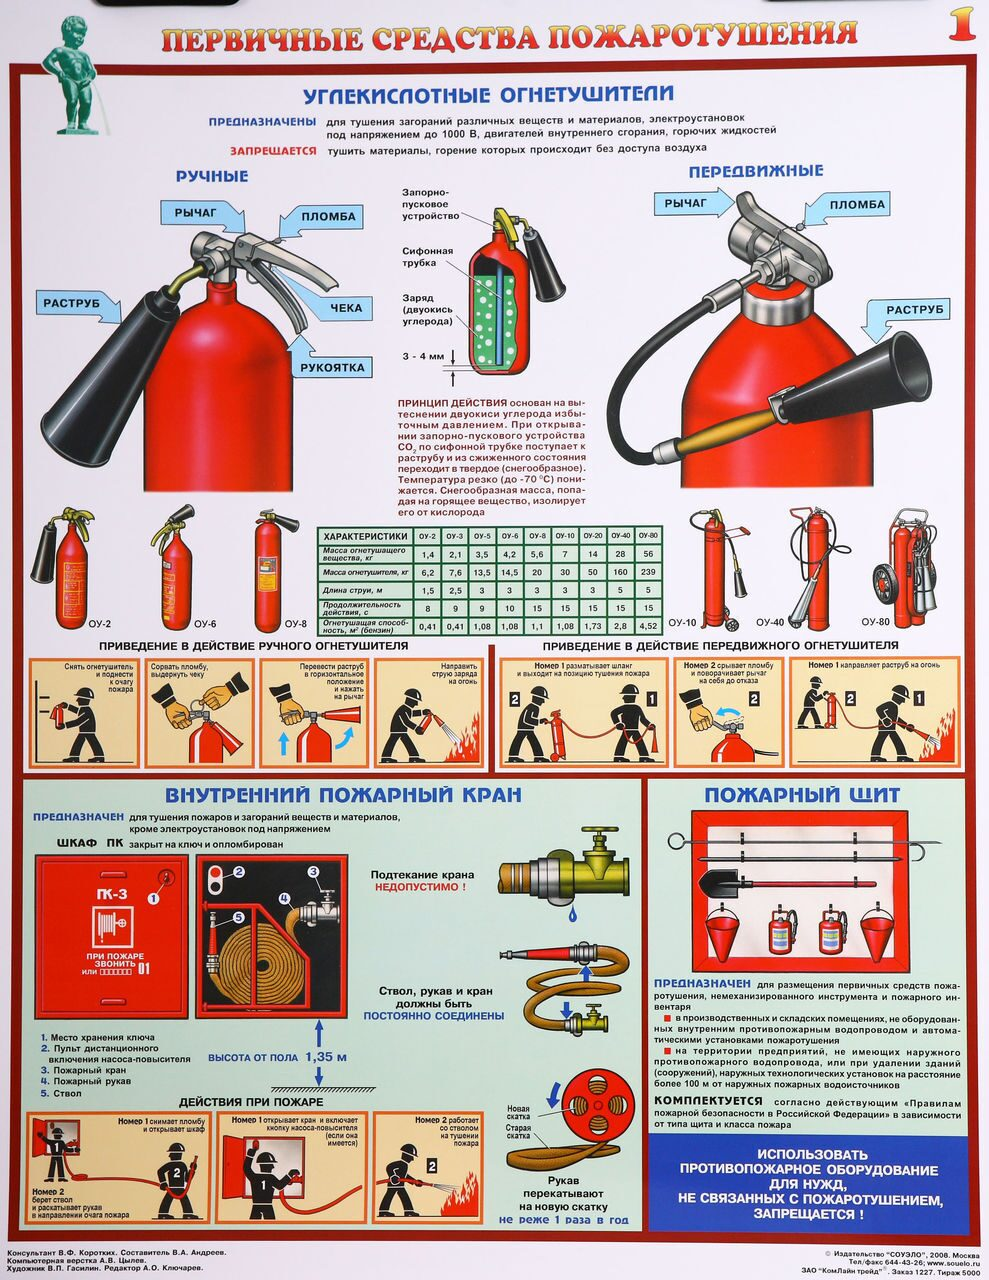 маркировка знаком пожарной безопасности